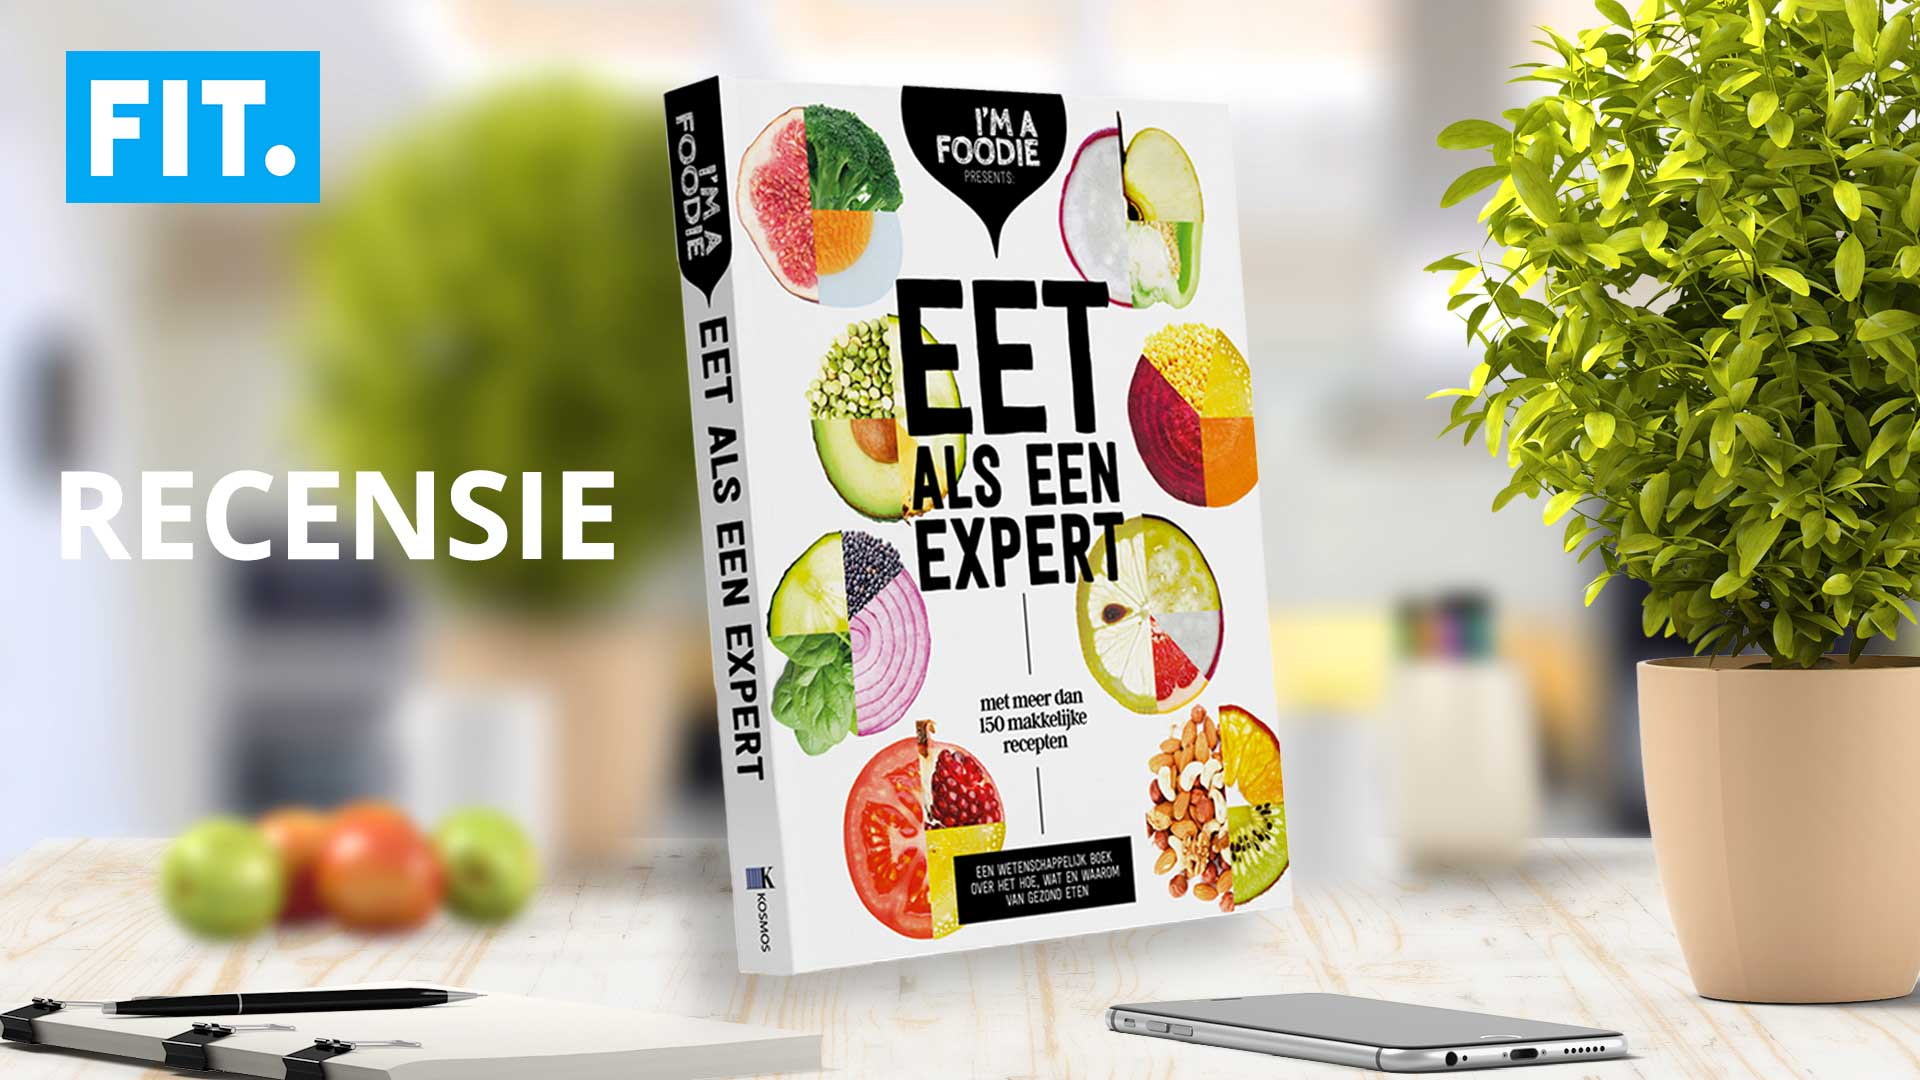 recensie-eet-als-expert